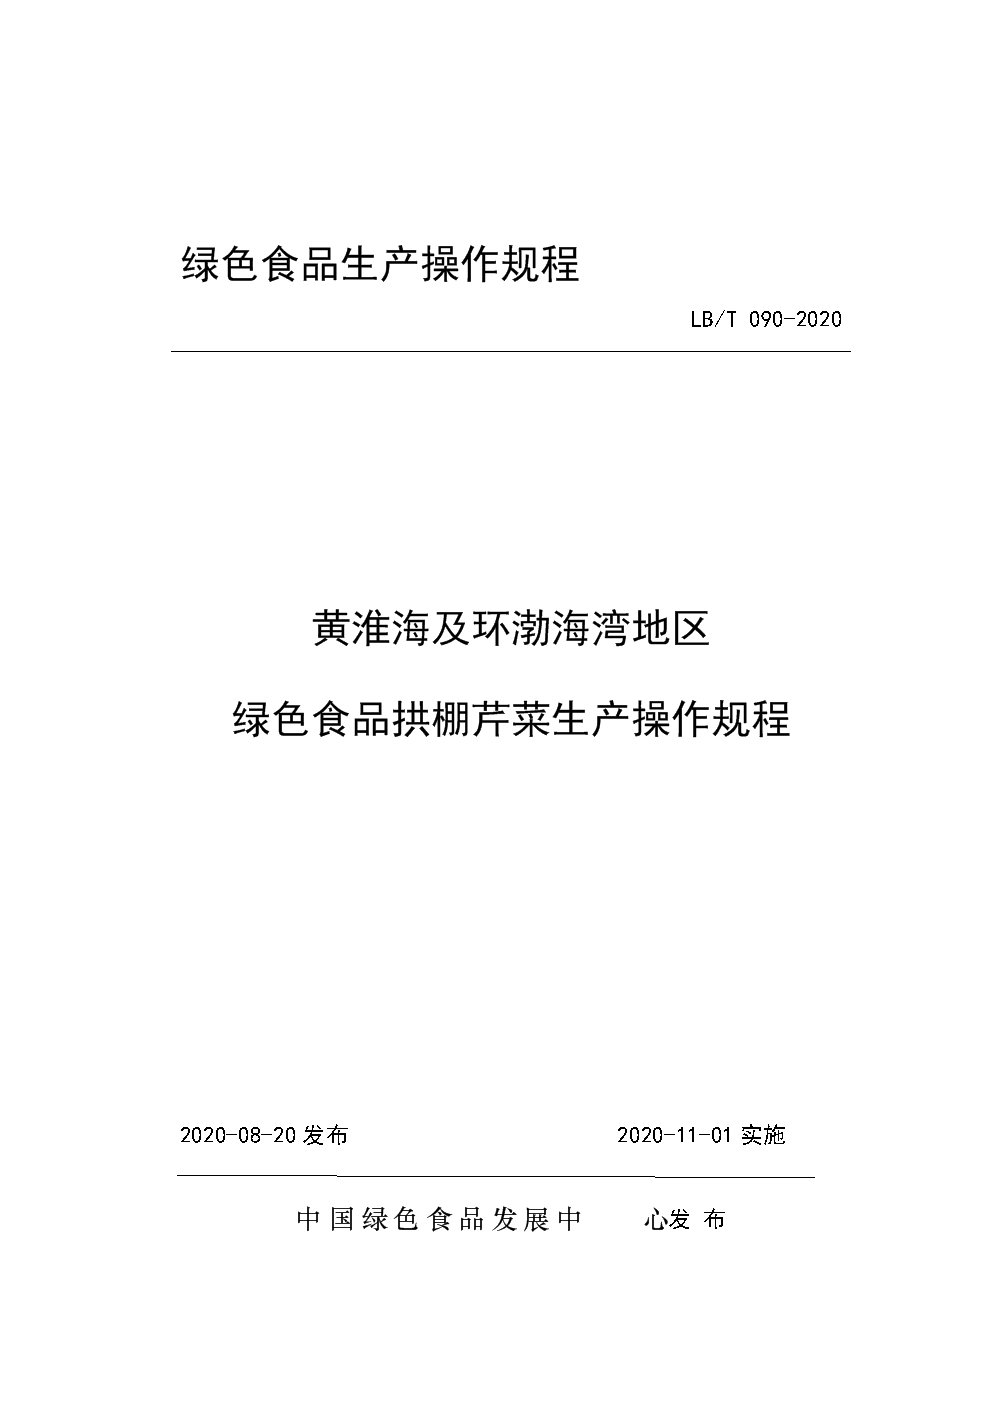 黄淮海及环渤海湾地区  绿色食品拱棚芹菜生产操作规程.docx